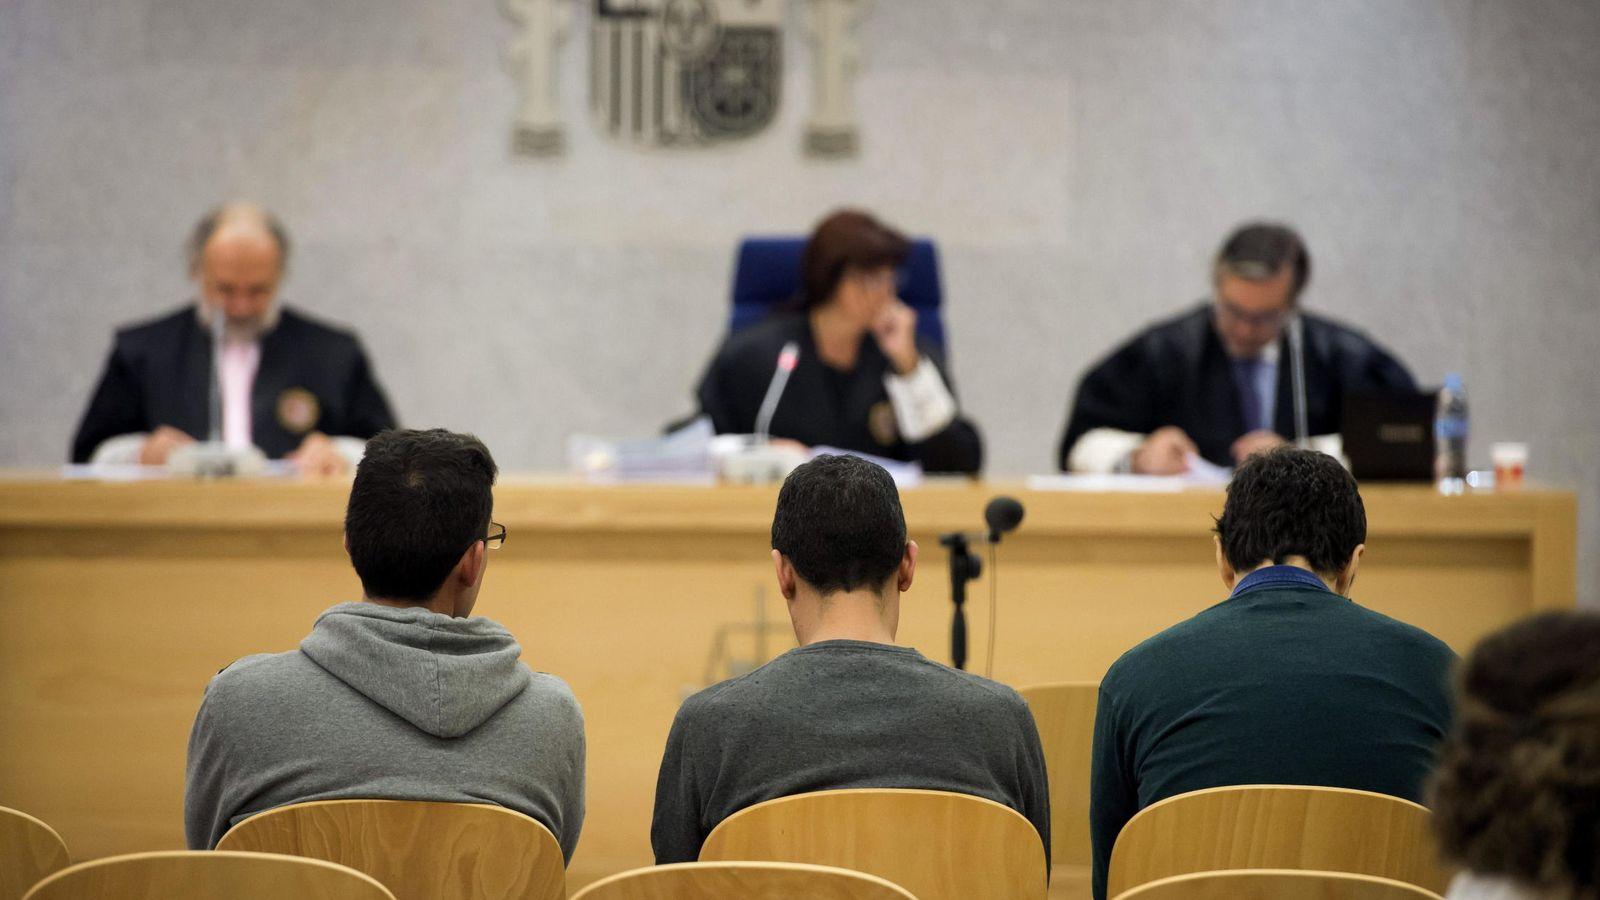 Foto: Los tres creadores de la web YouKioske (uno de ellos absuelto), durante el juicio contra ellos en la Audiencia Nacional en una vista en 2014. (Foto: EFE)